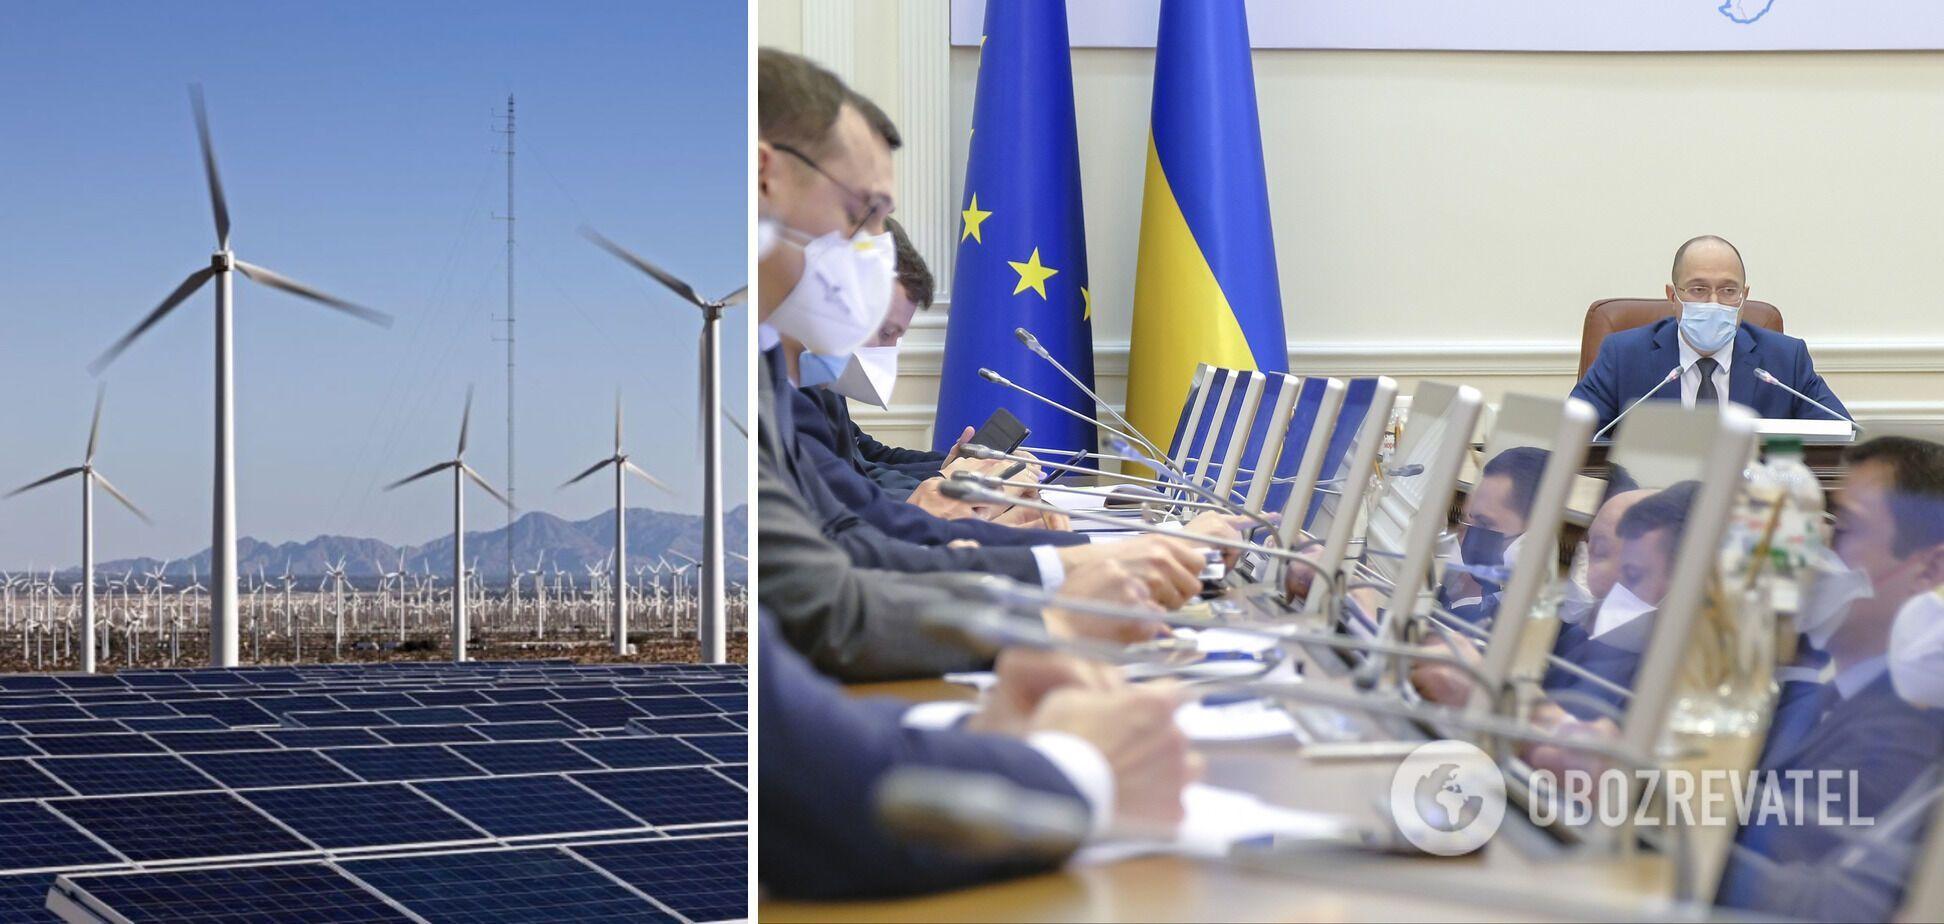 Зеленський має зупинити протизаконне запровадження акцизу на 'зелений' струм, – Гончаренко